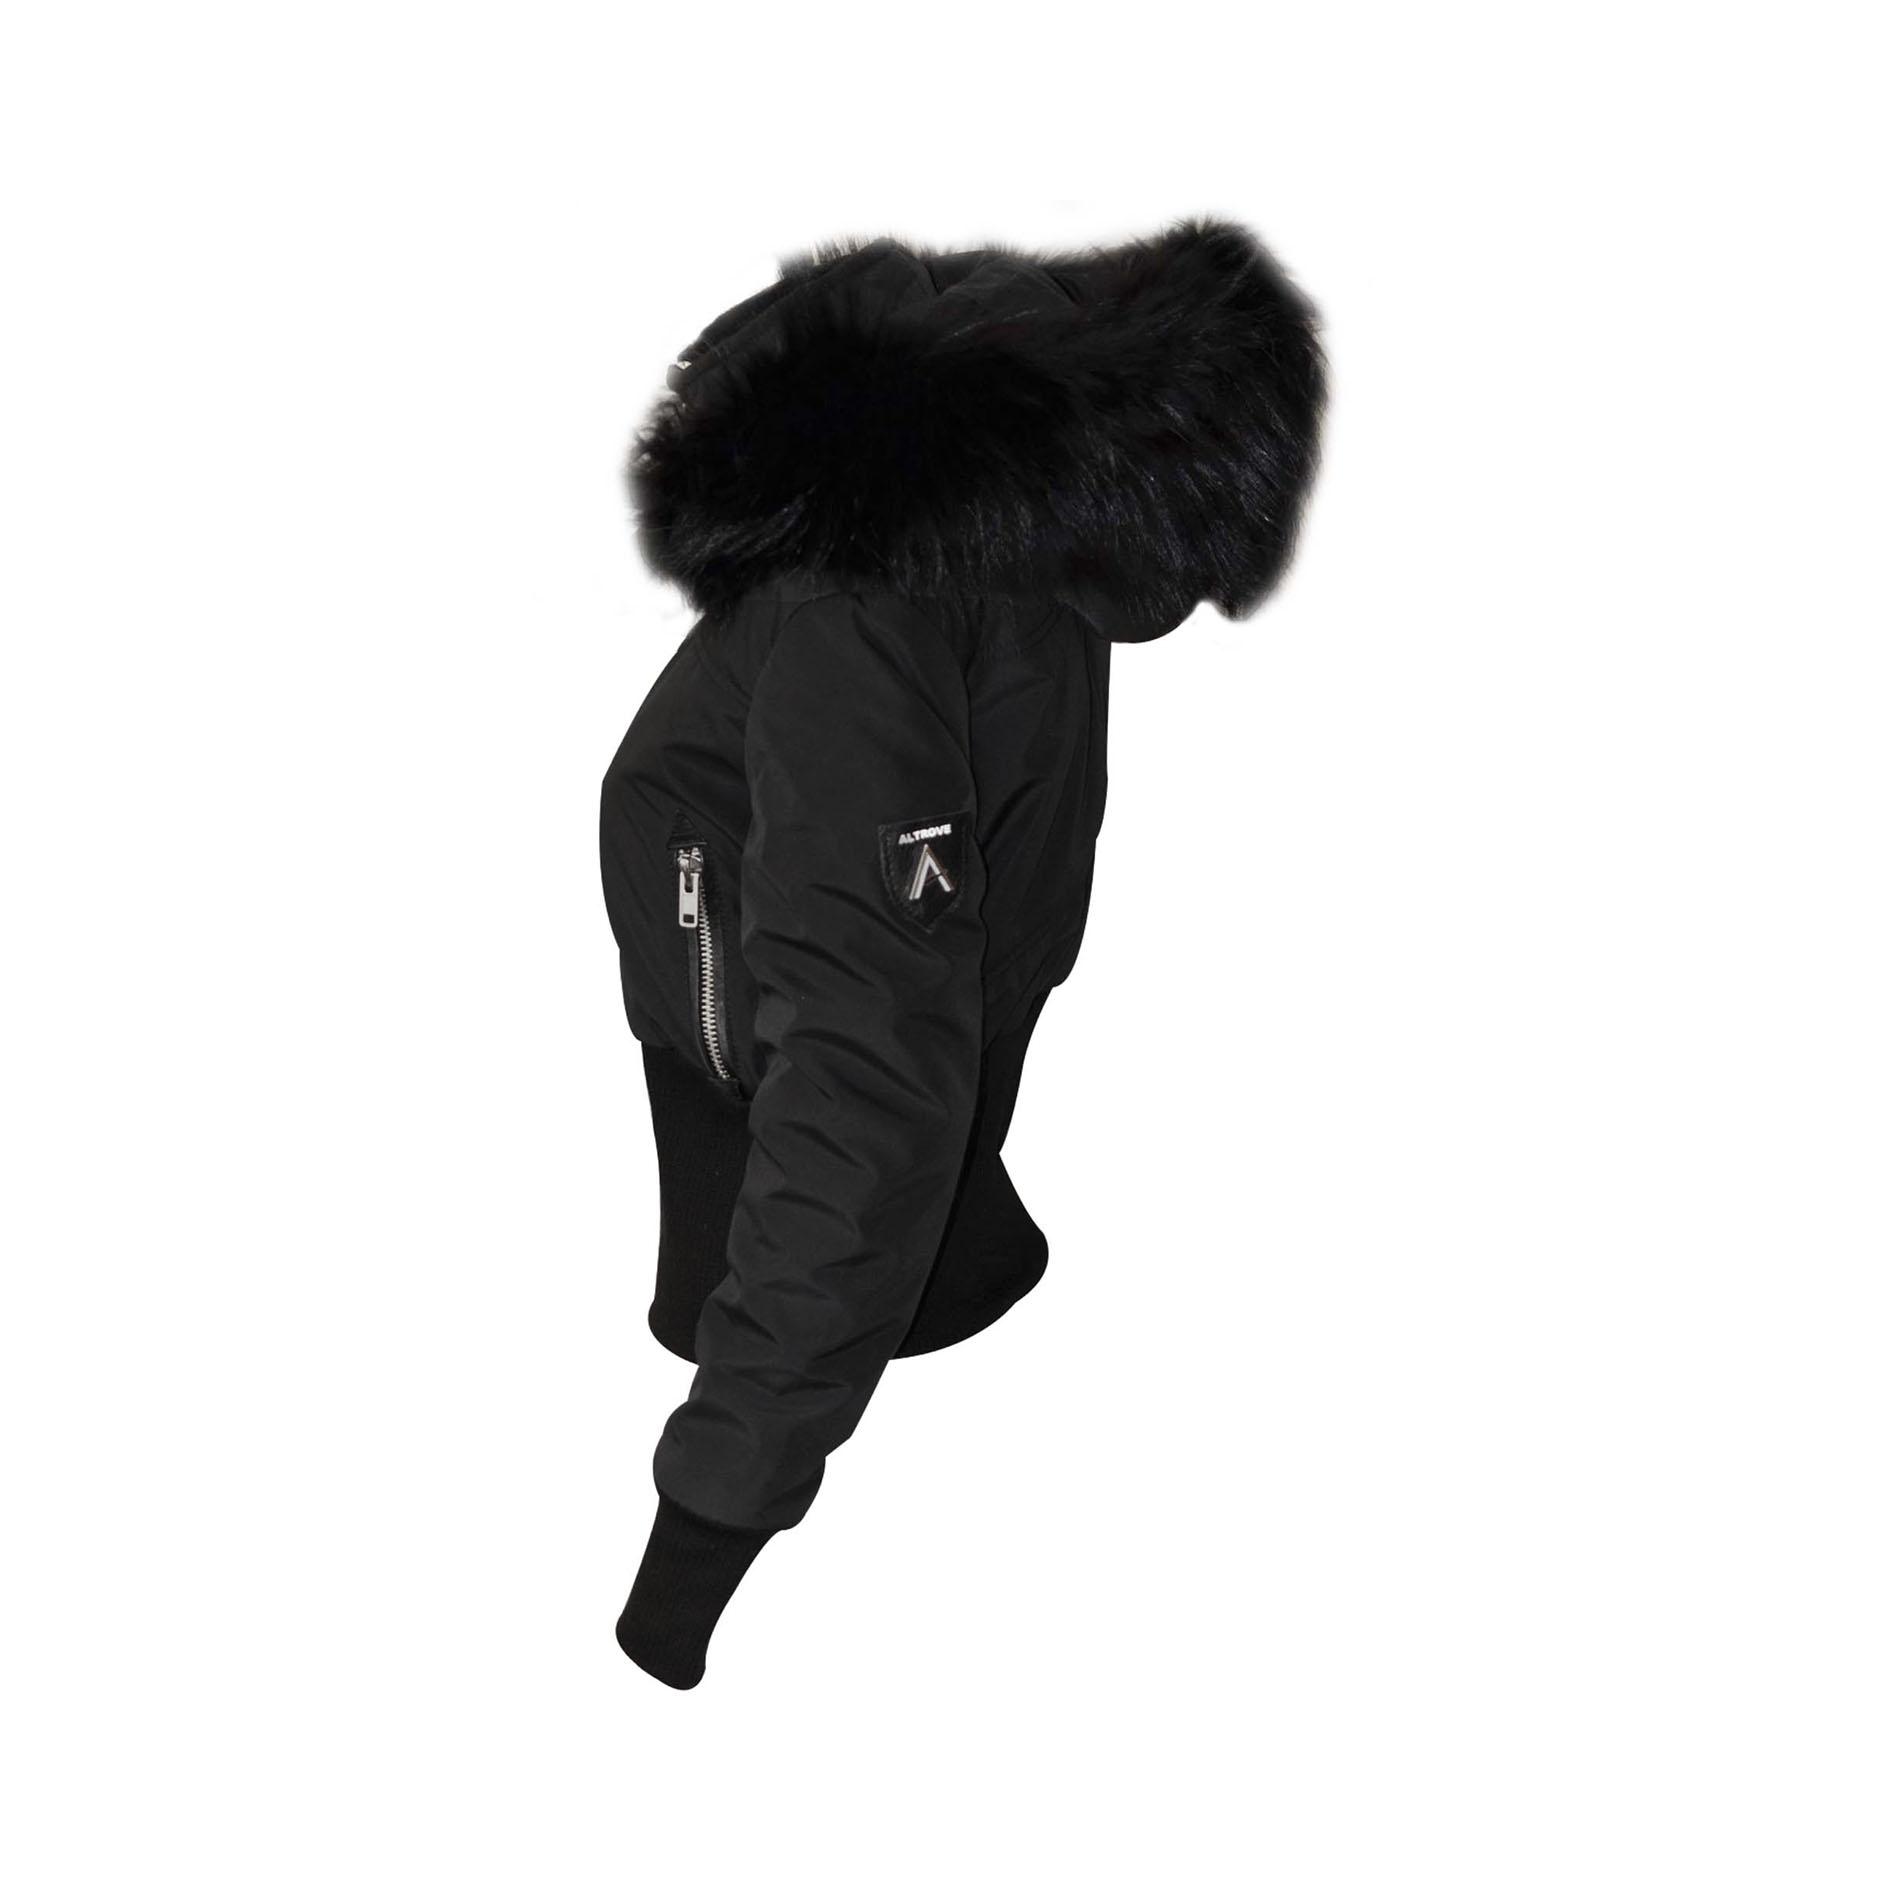 altrov veste tina doudoune hiver femme fourrure noir. Black Bedroom Furniture Sets. Home Design Ideas